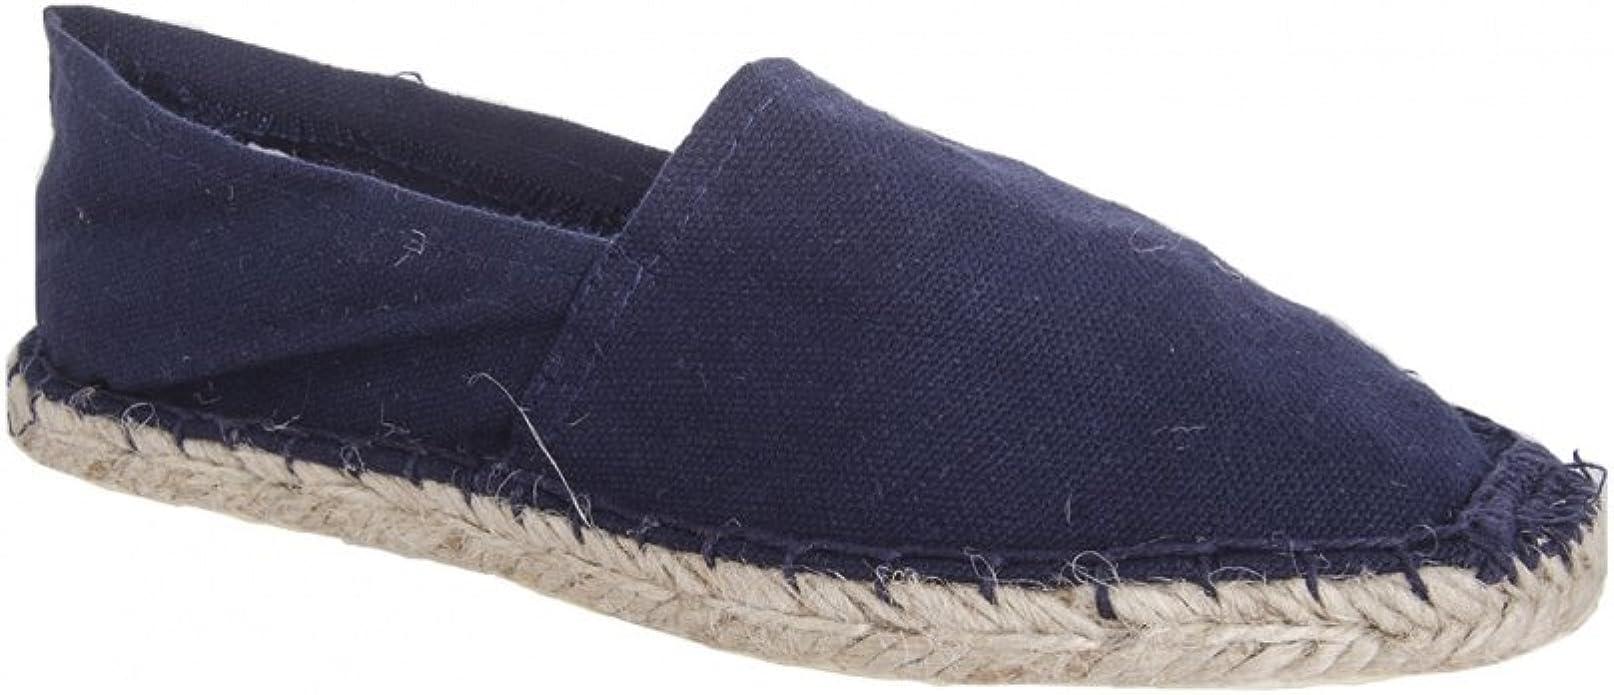 Sonnenscheinschuhe® Espandrillos Navy, talla 36-46, color azul oscuro: Amazon.es: Zapatos y complementos